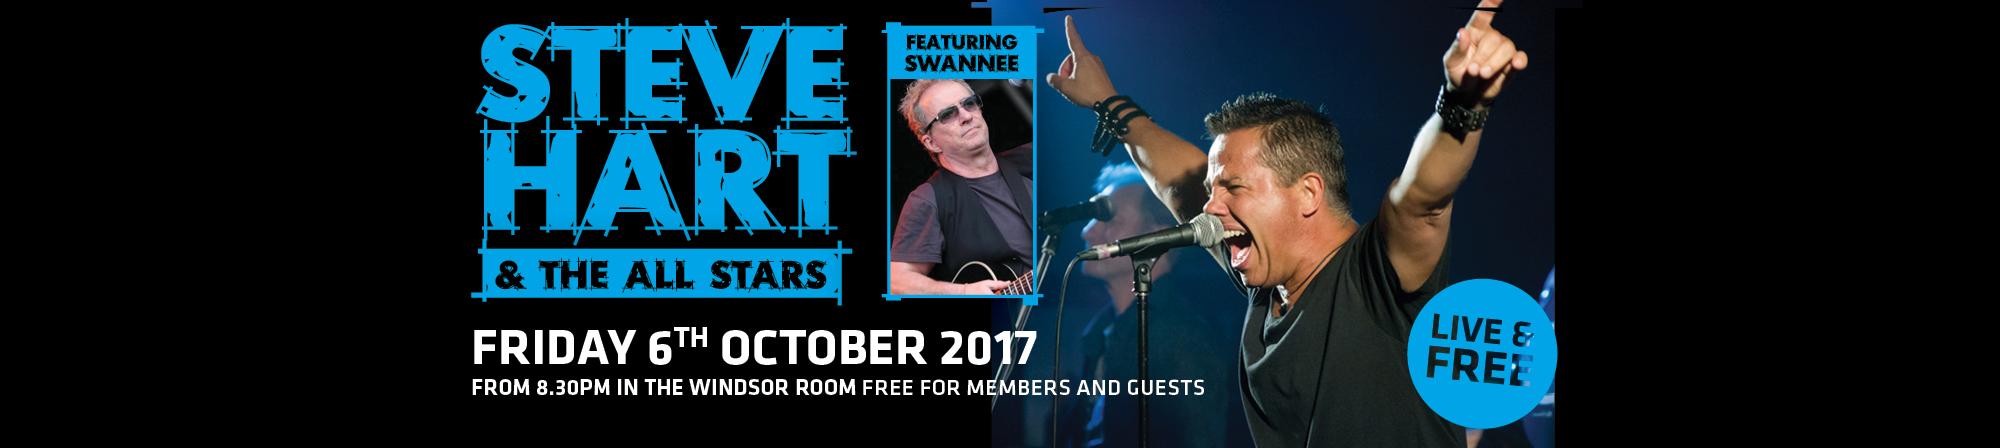 Steve-Hart-October-2017-web-slide